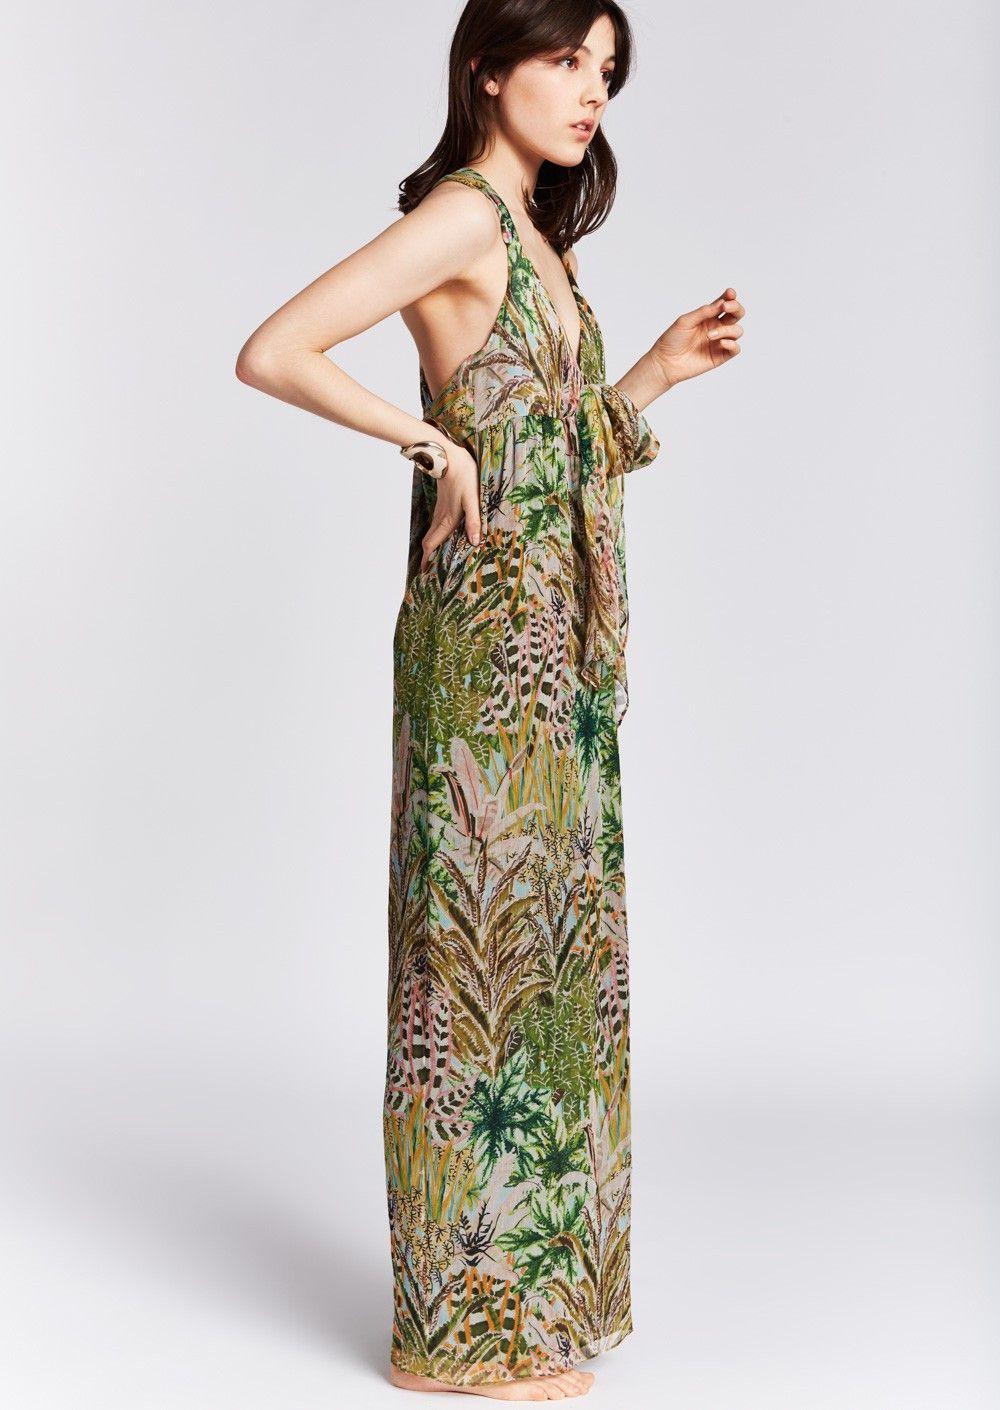 Tara 1 Soie De Longue Robe Jarmon Jungle En Mode Femme Crépon q1zq70w